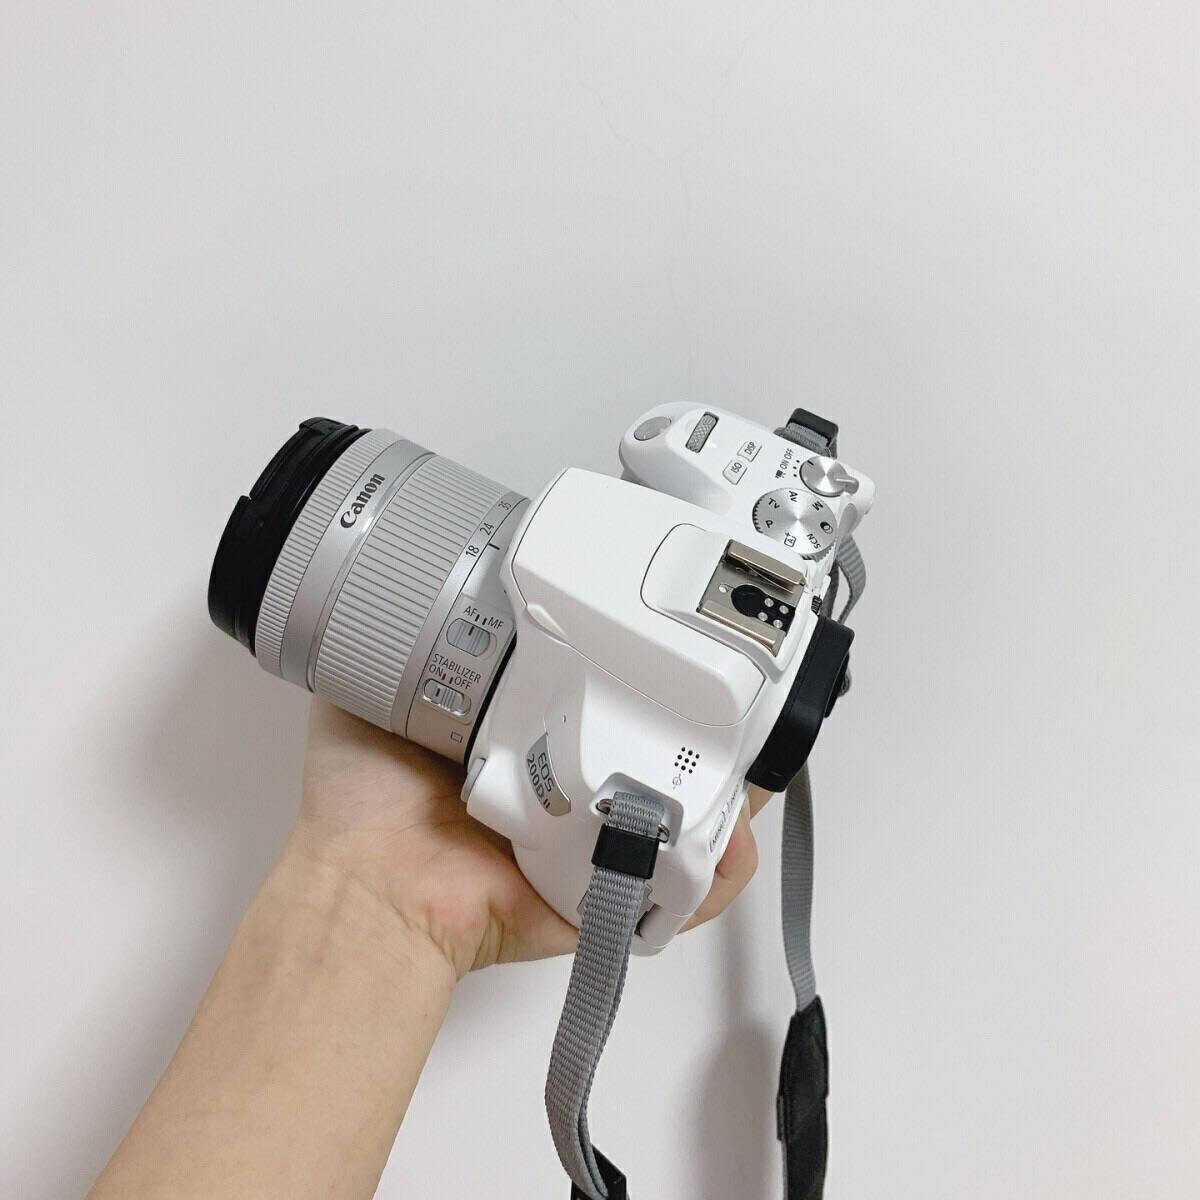 佳能(CANON)EOS200D/200d2代/二代入门级单反相机vlog数码照相机黑色200DII+(18-135mmIS镜头)套餐四